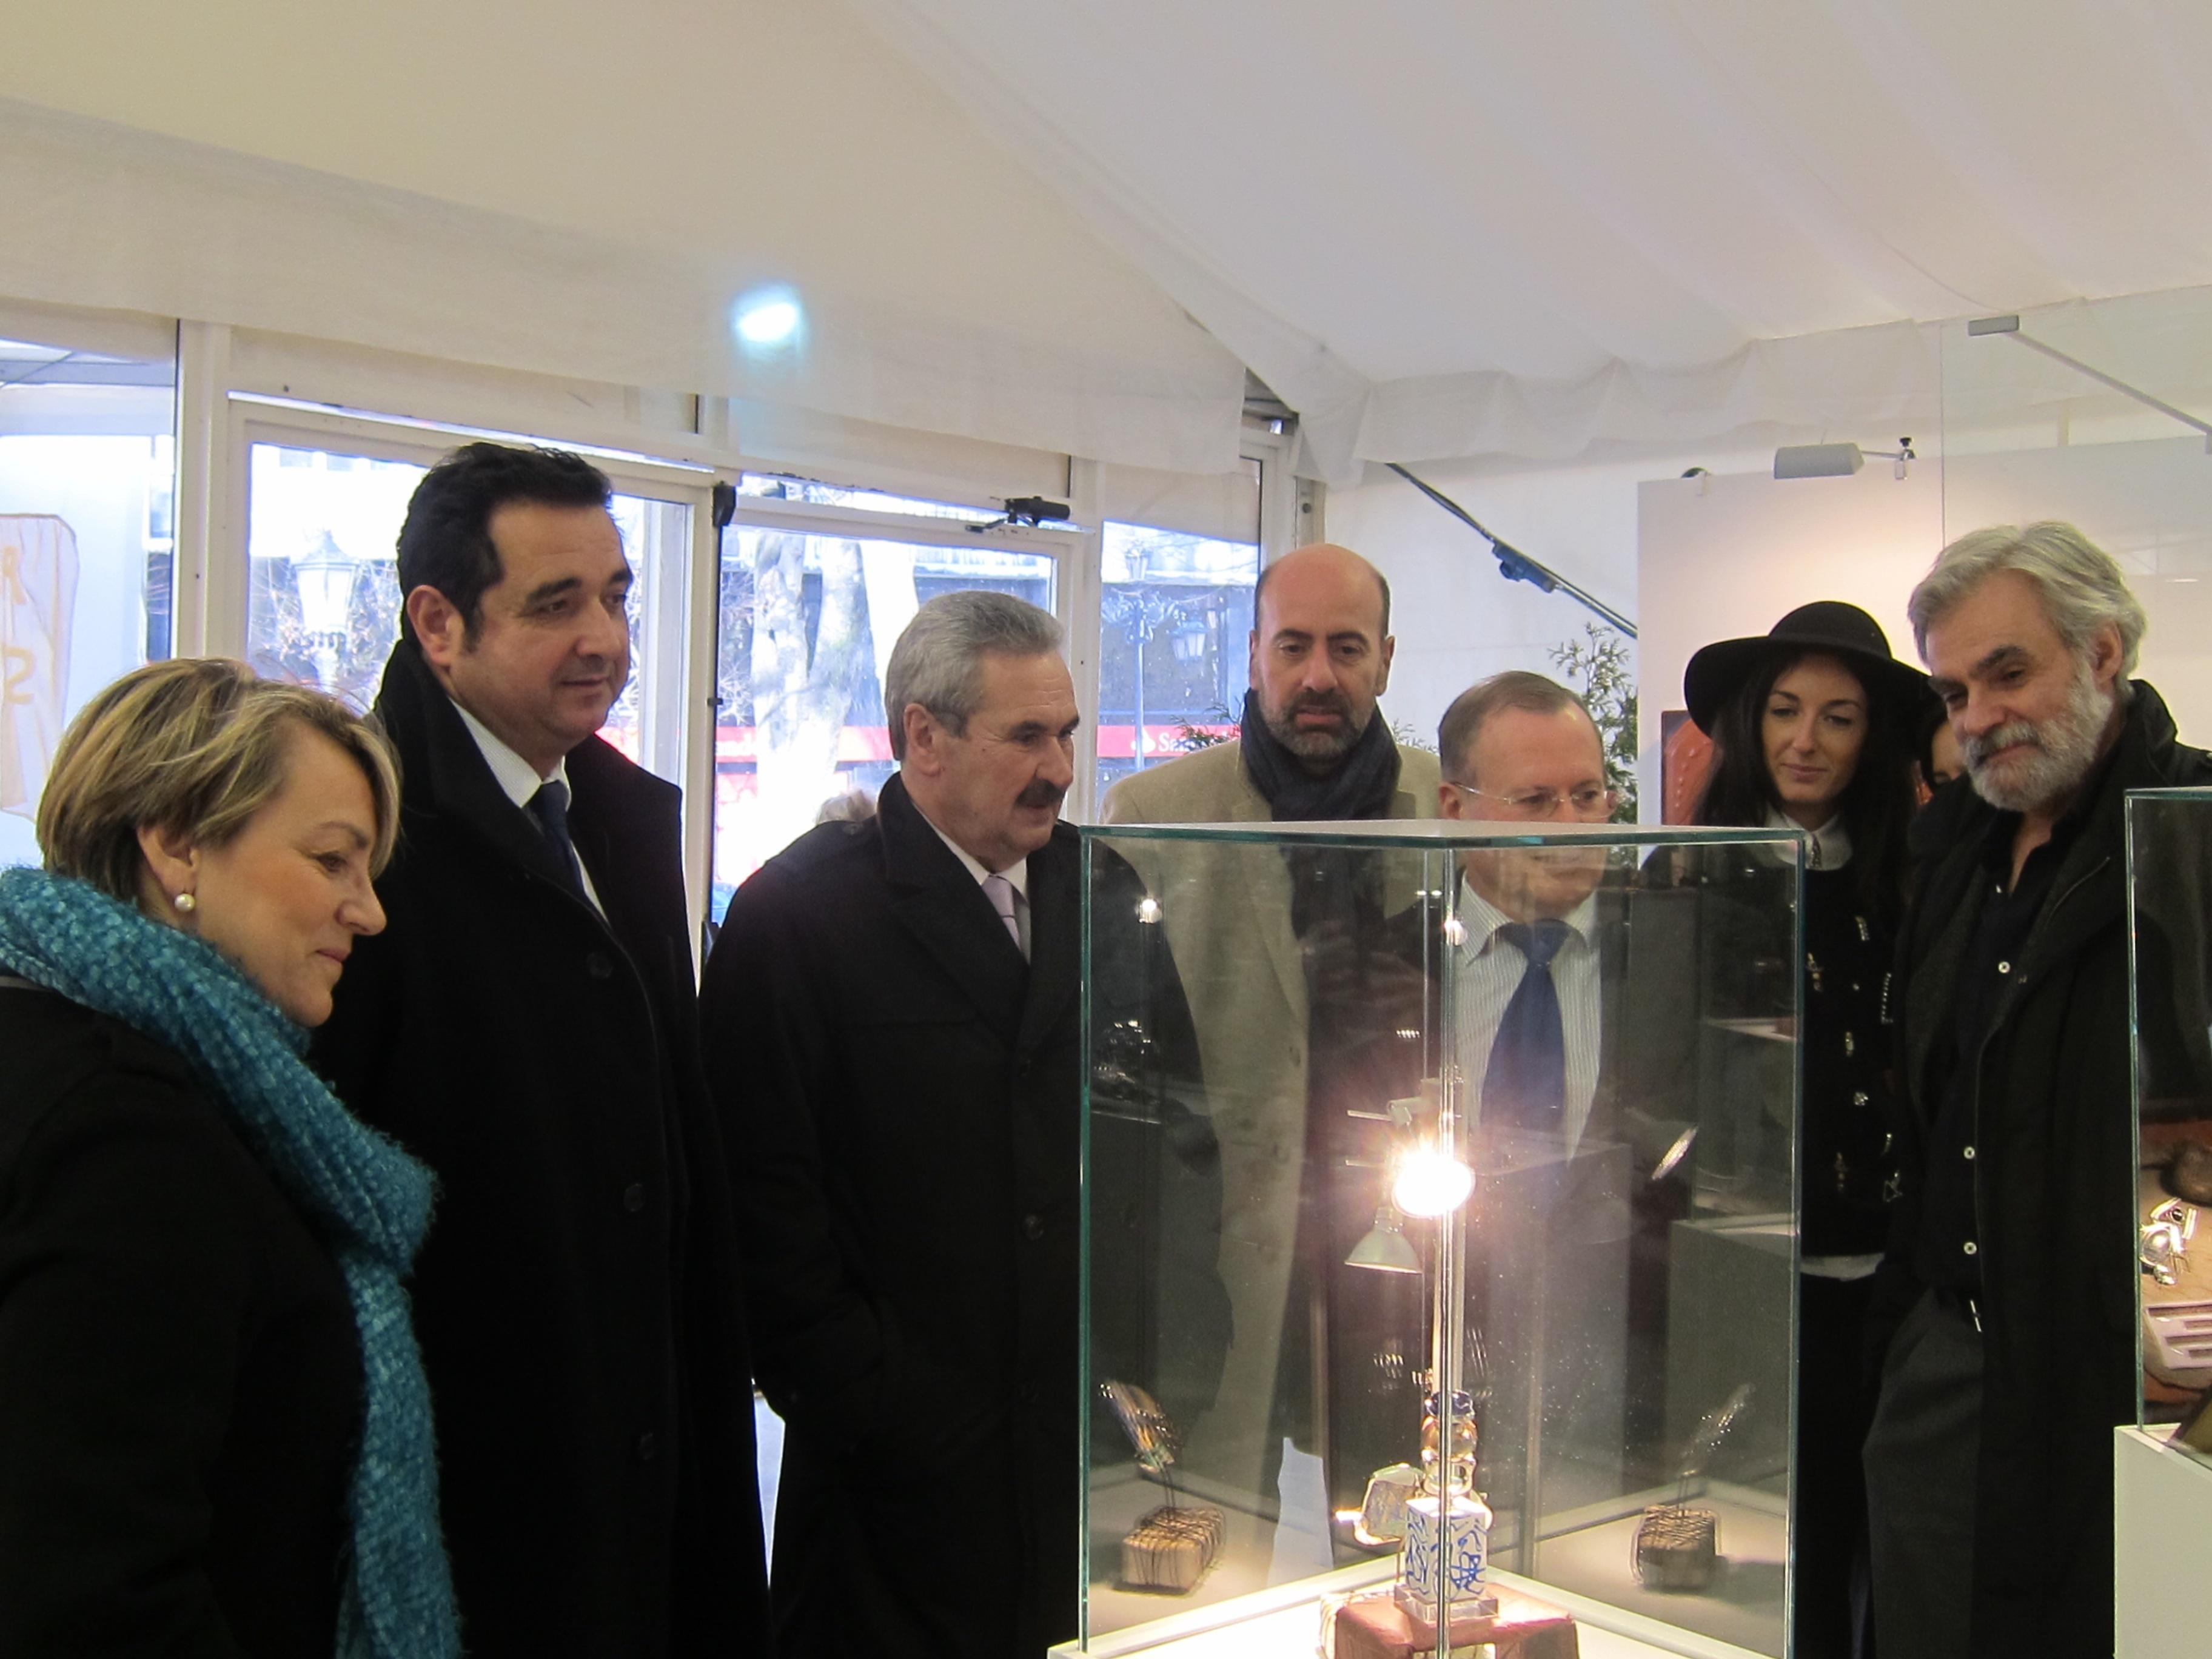 Torre reitera la intención del Principado de dialogar con la dirección de Duro Felguera para negociar el ERE